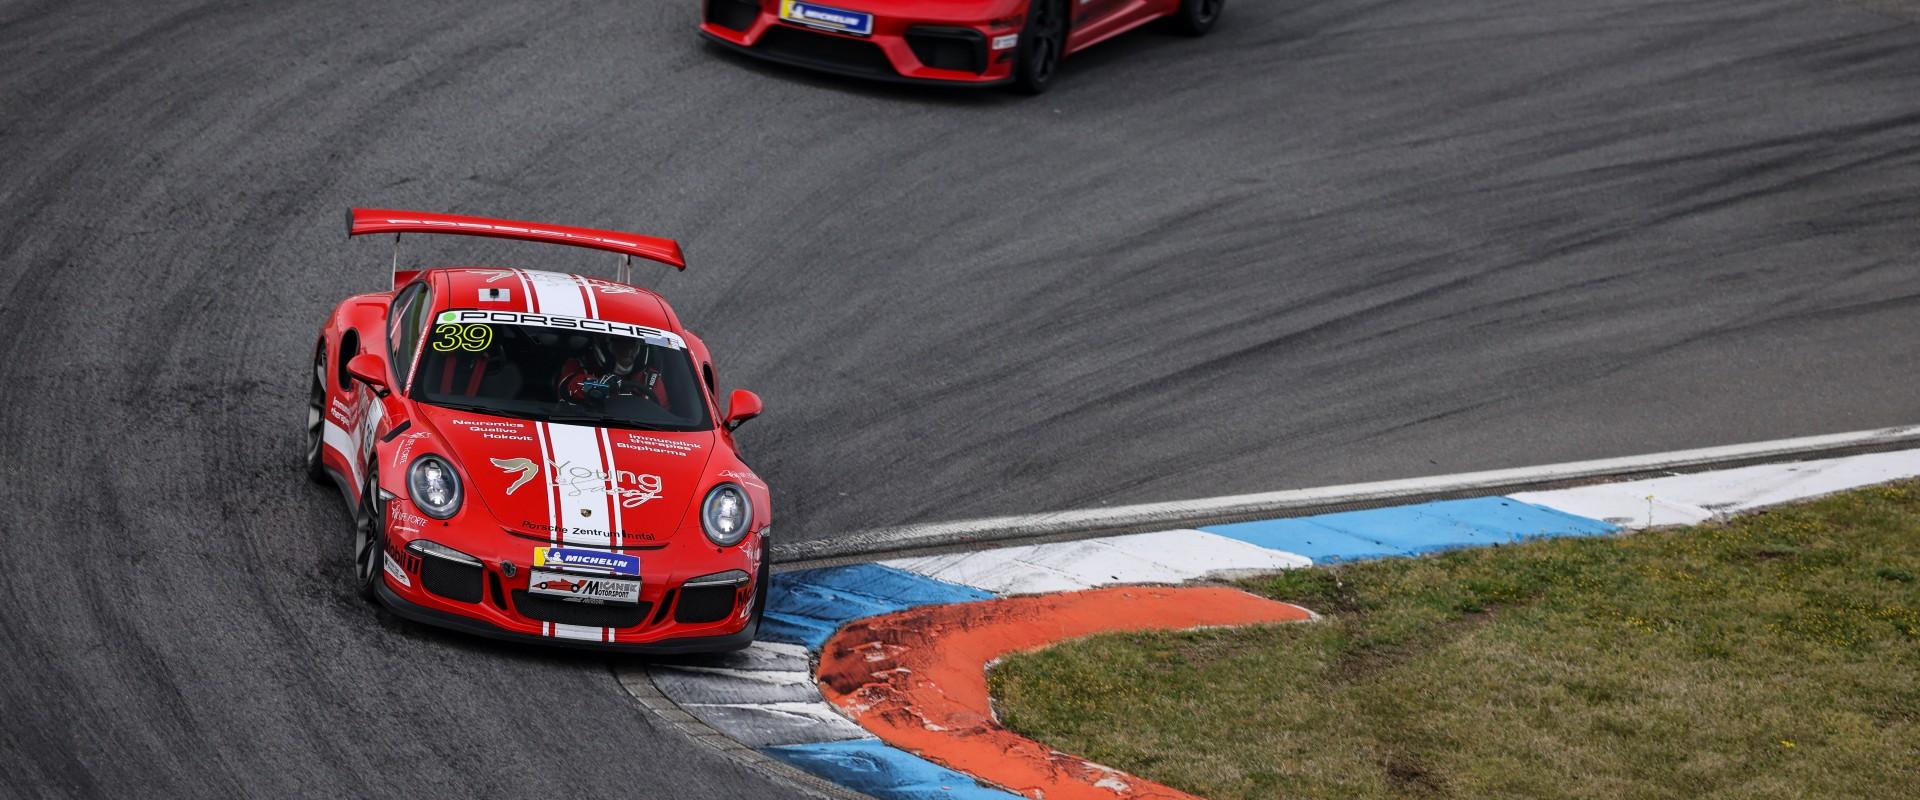 """Šmarda se na Nürburgringu postaví nabité konkurenci i nejnovější """"zbrani"""" od Porsche"""